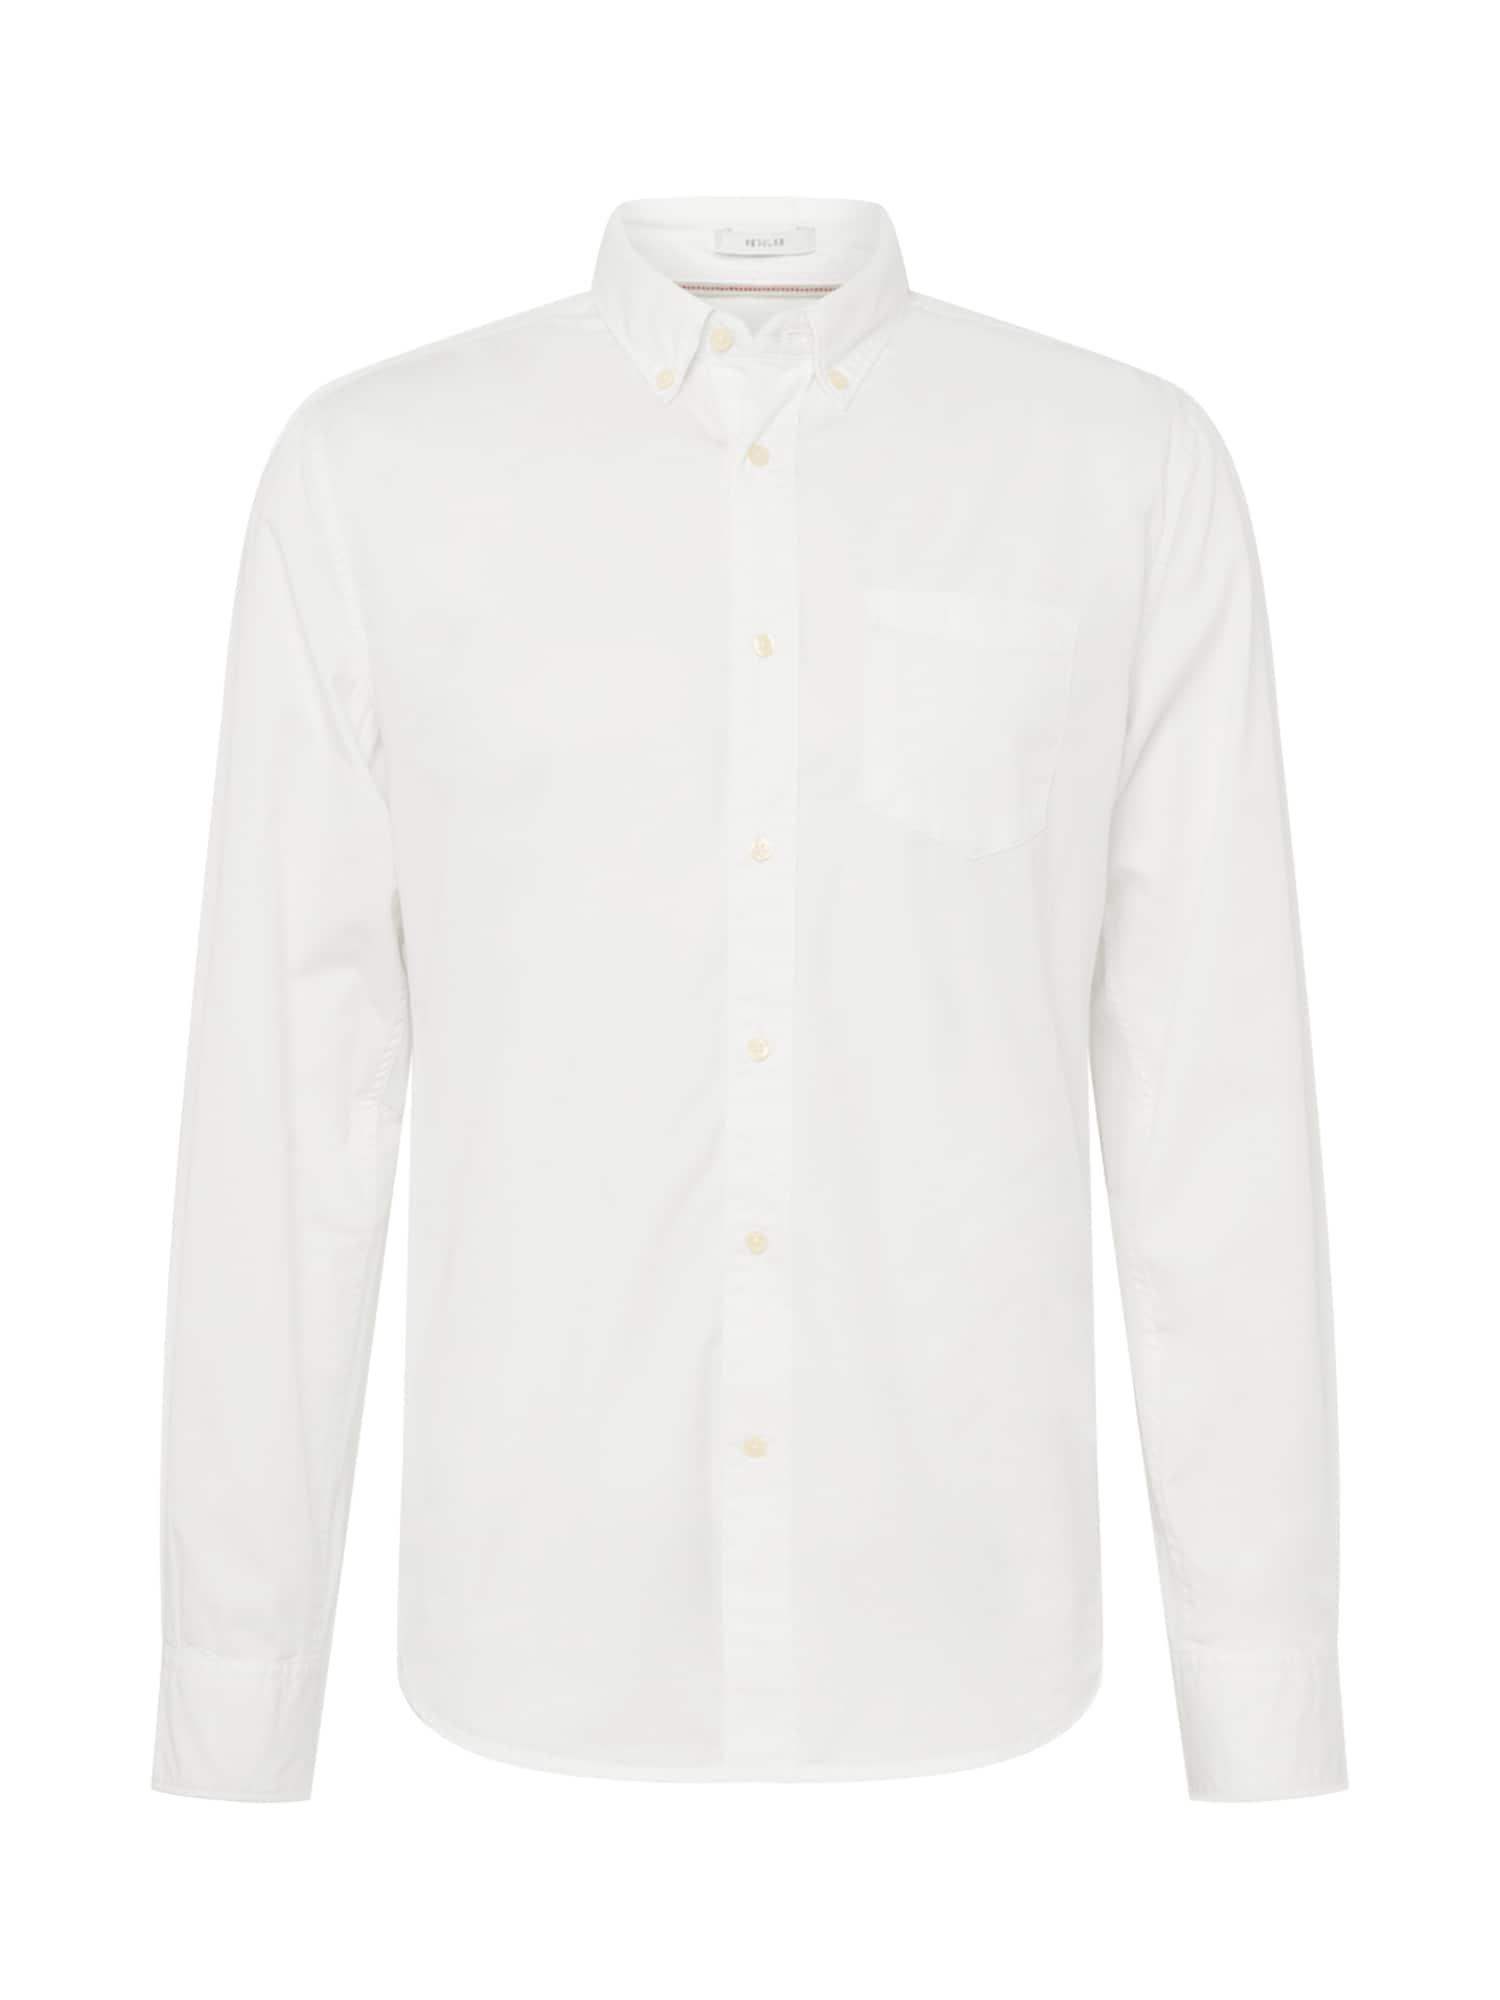 Pepe Jeans Dalykinio stiliaus marškiniai